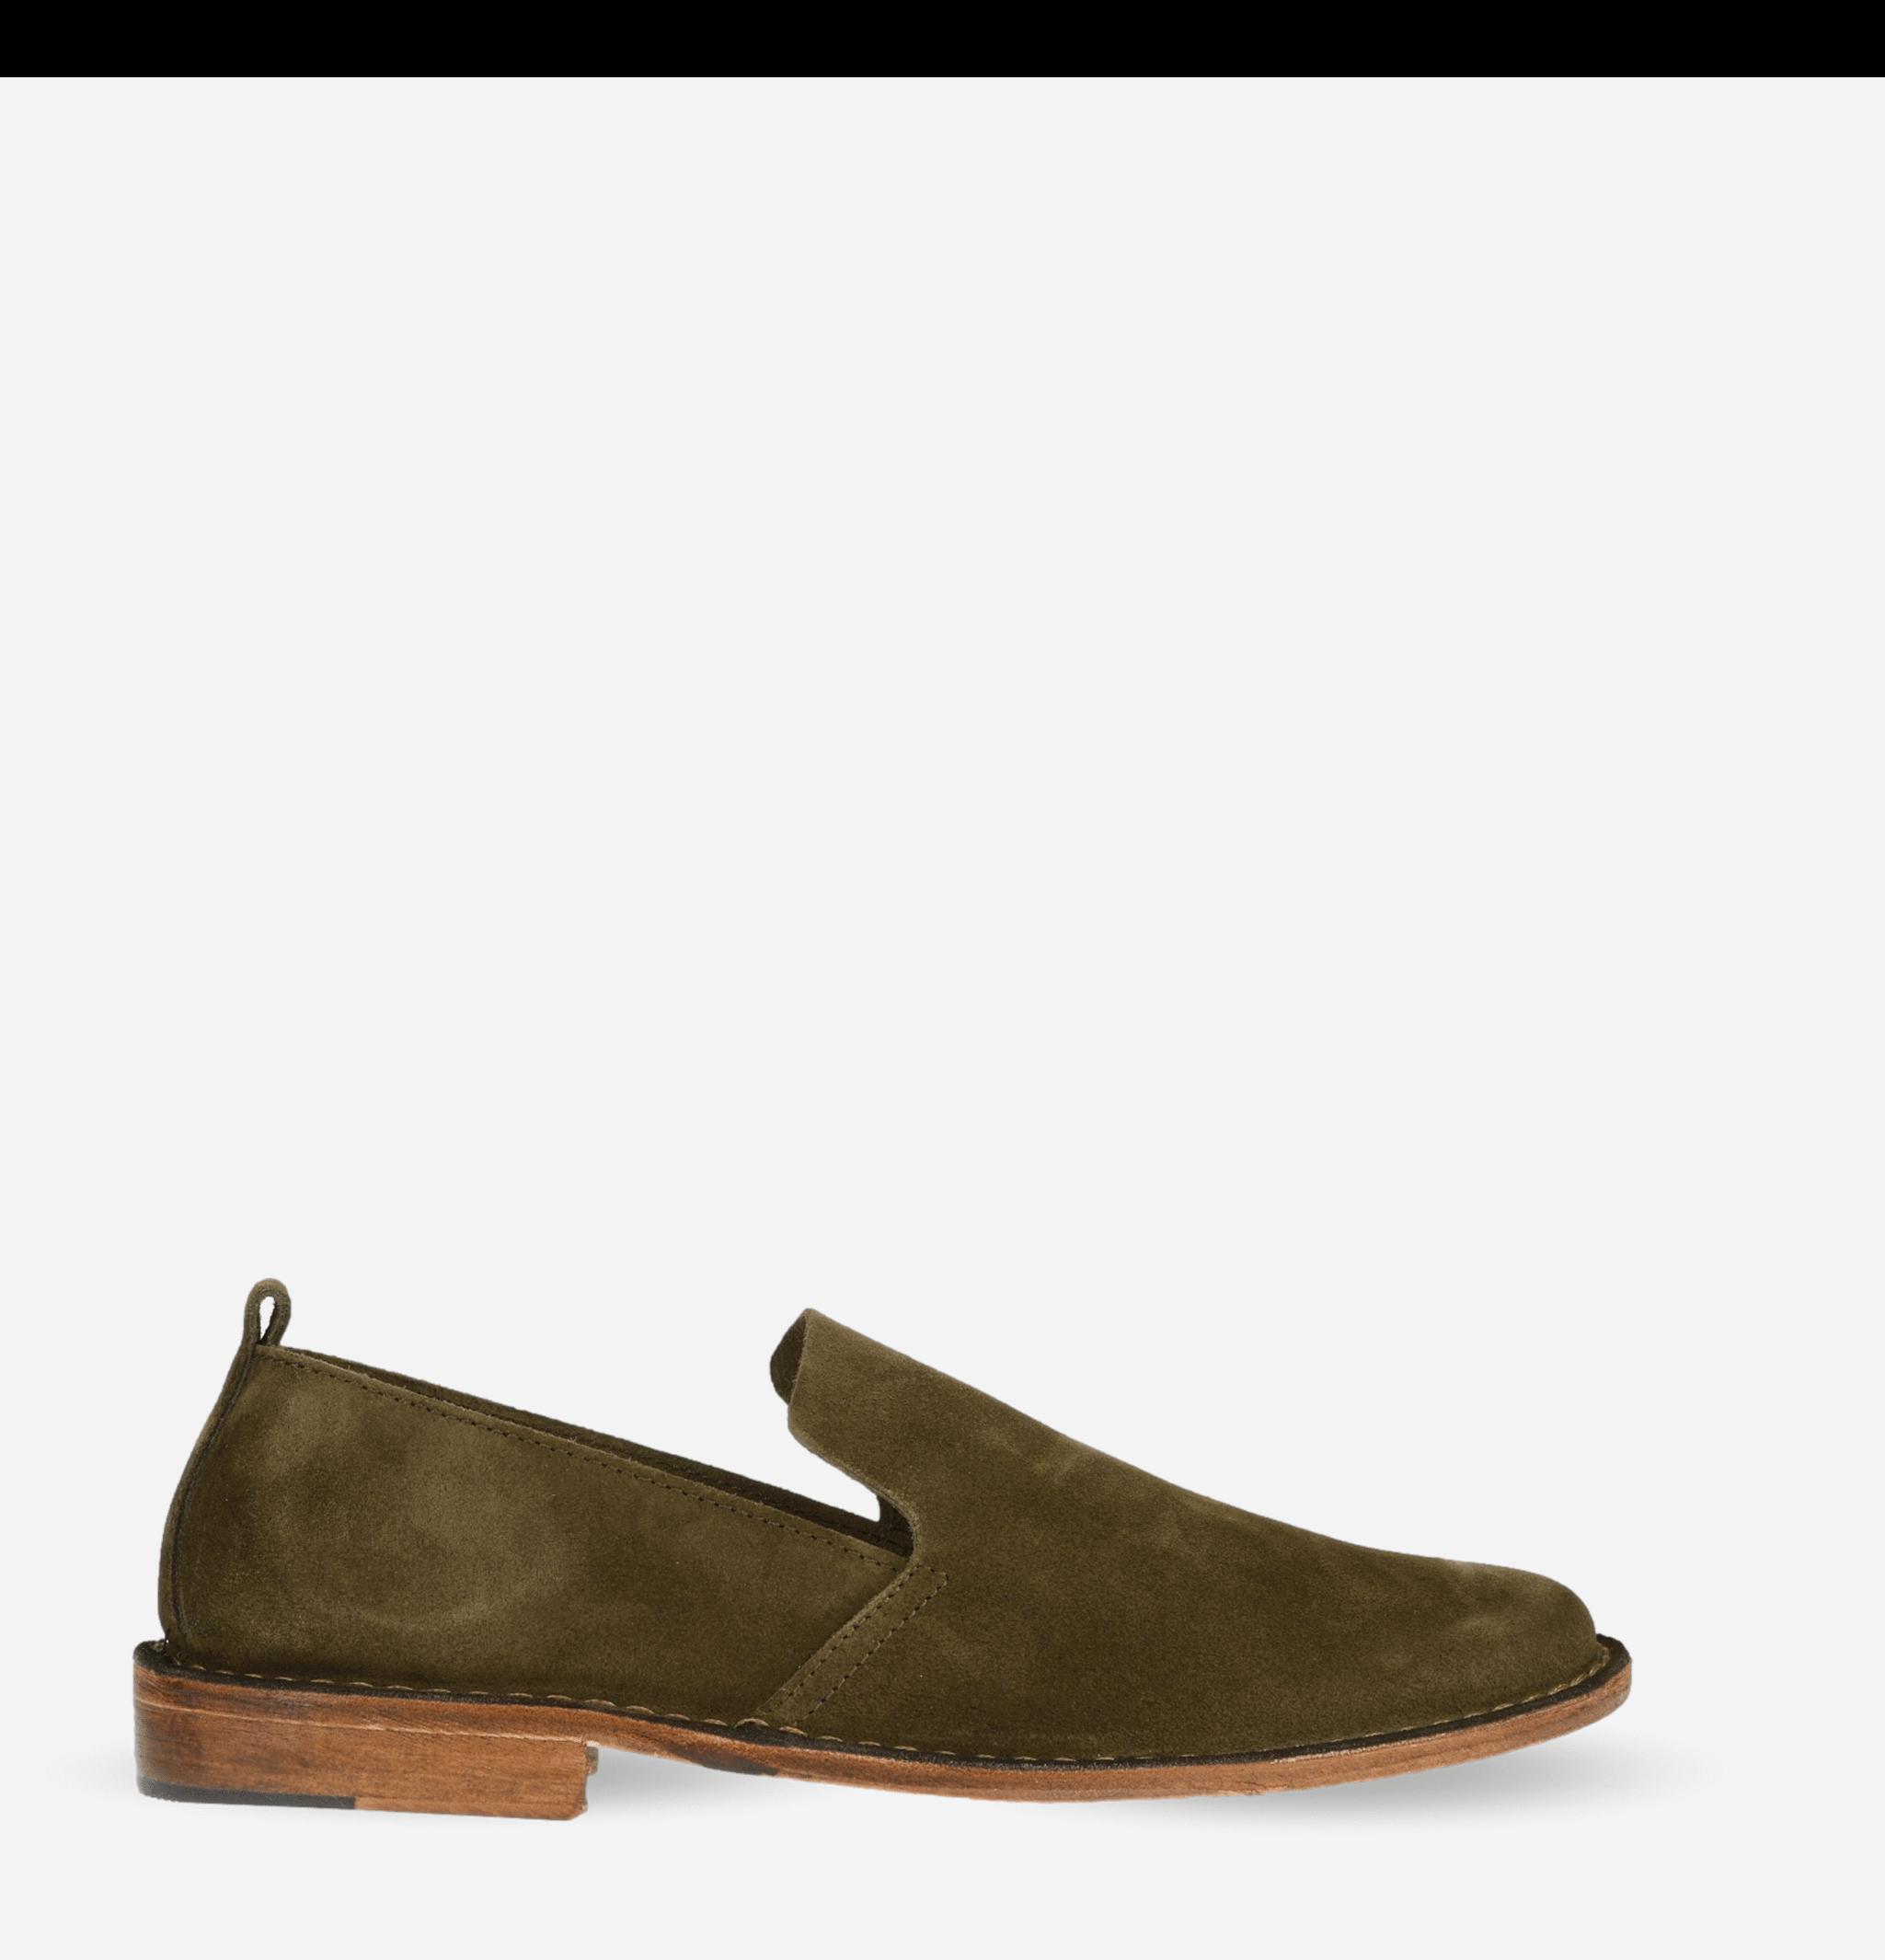 Chaussures Puntoflex Forest